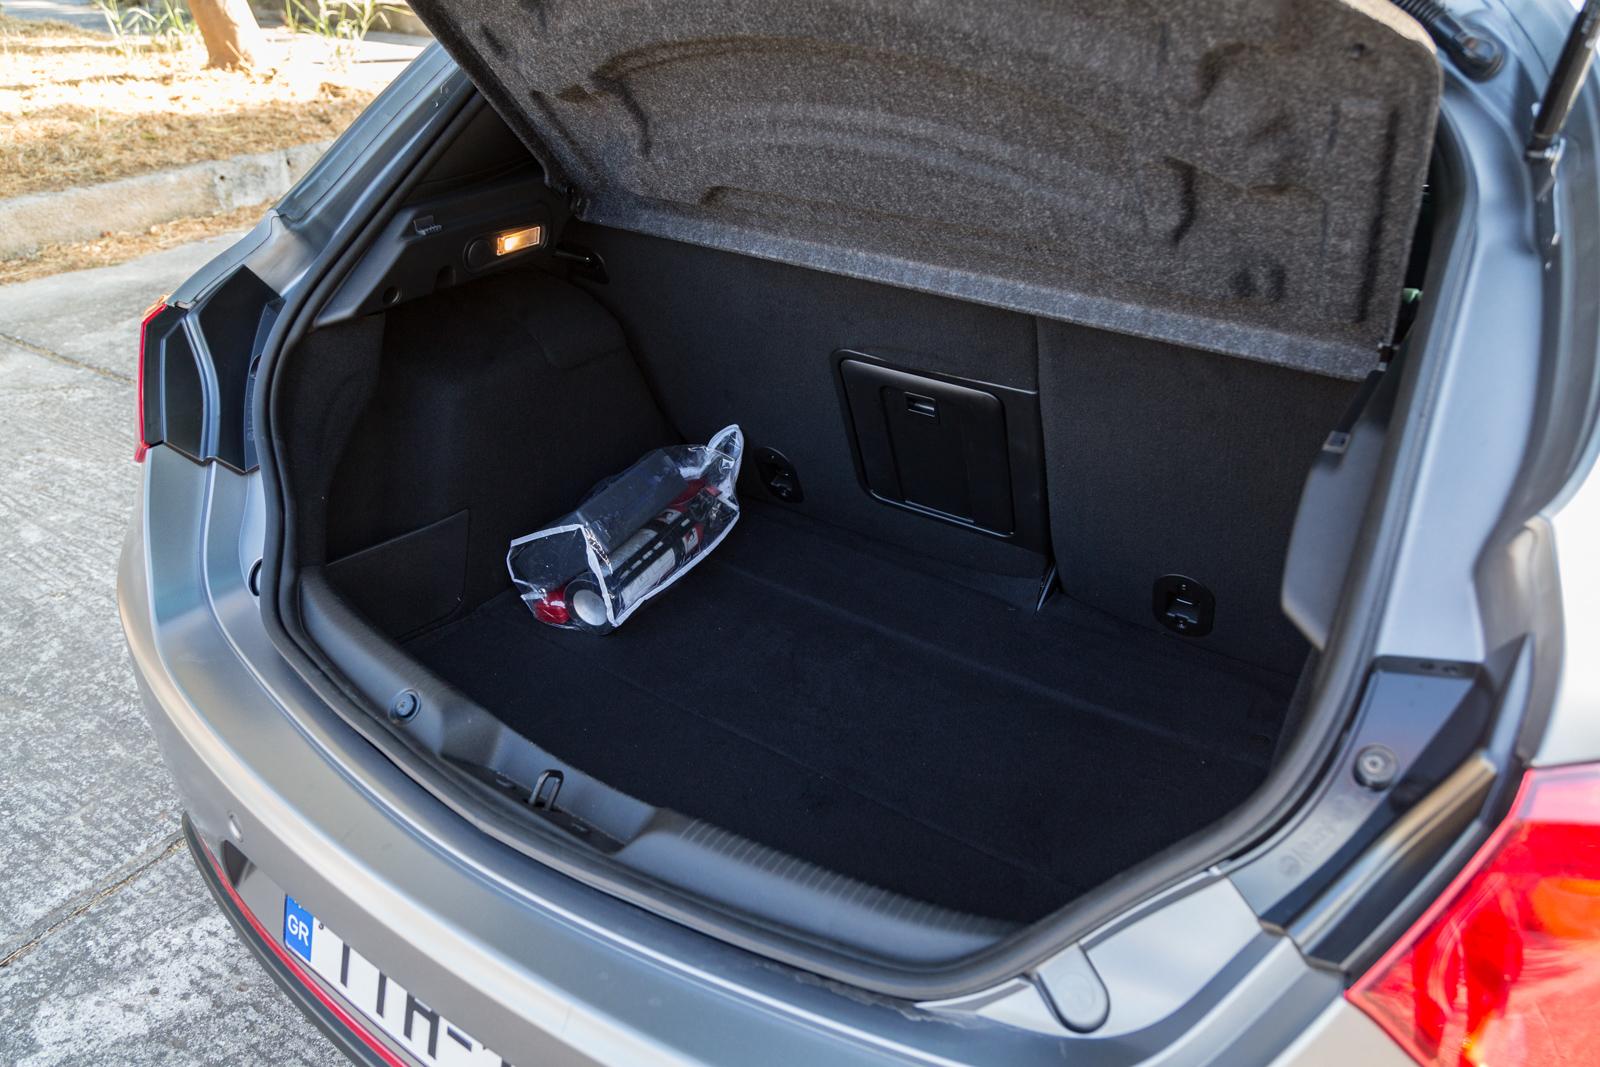 Test_Drive_Alfa_Romeo_Giulietta_TCT_1.6_JTDM-2_25